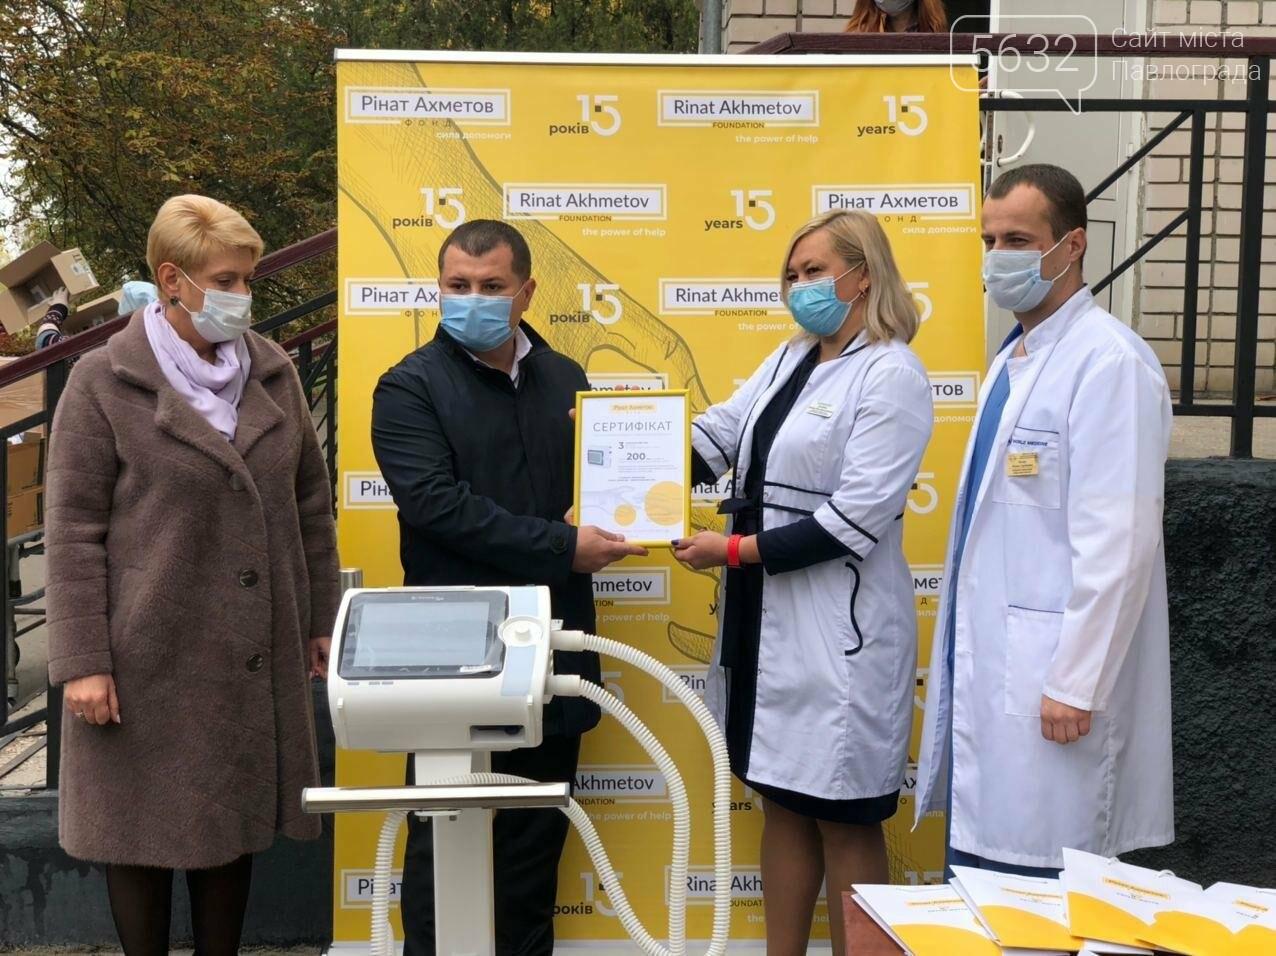 Павлоградская больница интенсивного лечения получила новые аппараты ИВЛ (ФОТО), фото-6